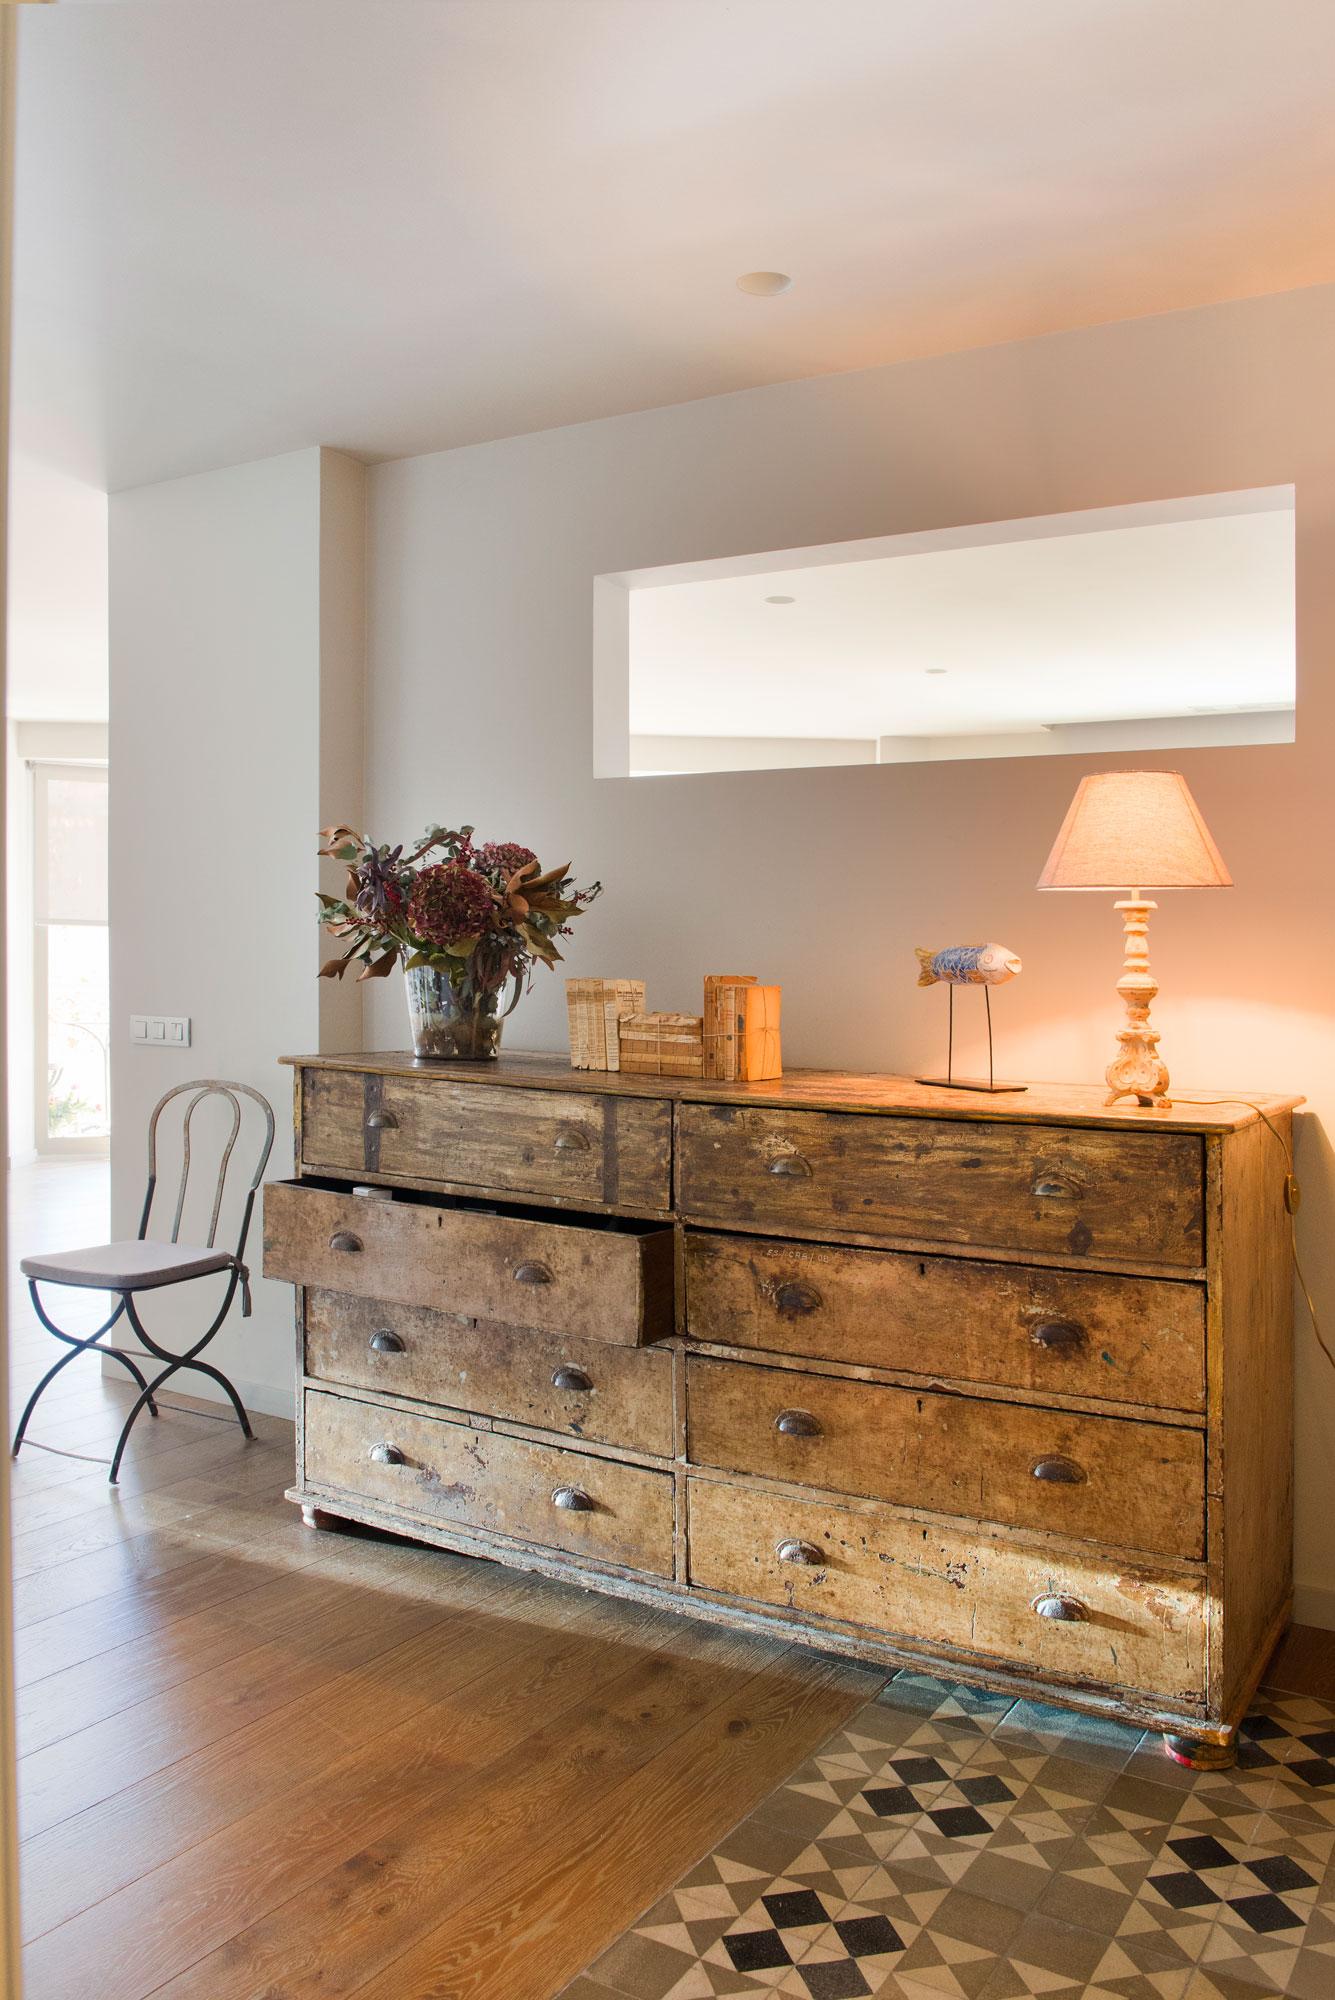 C mo iluminar tu casa sin cometer los errores m s habituales - Iluminacion para techos bajos ...